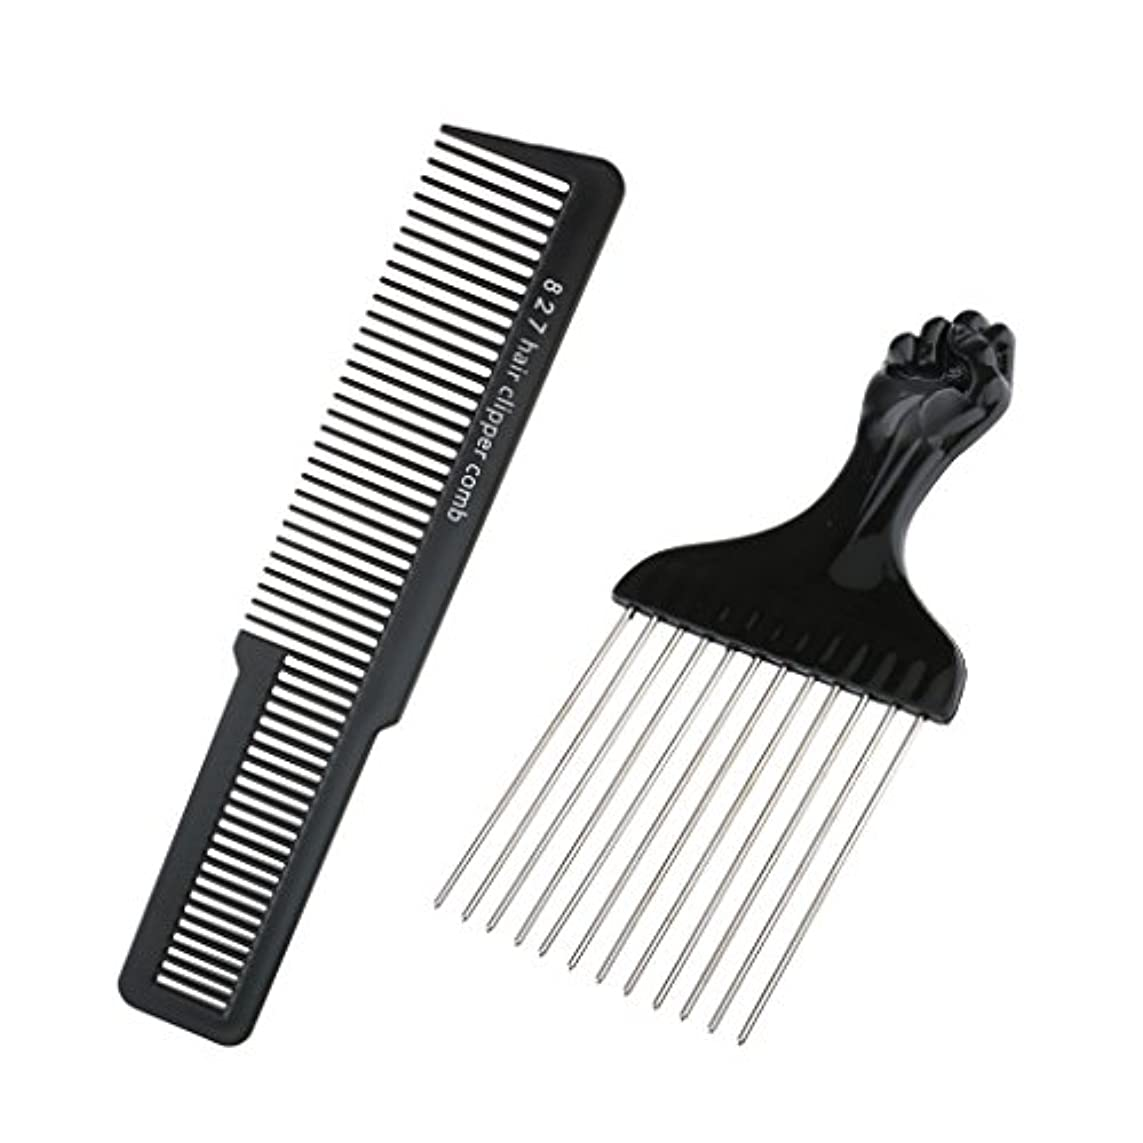 共産主義マッサージ電気美容院の理髪師のヘアスタイリングセットの毛の切断のクリッパーの櫛セットが付いている黒いステンレス鋼のアフロピックブラシ